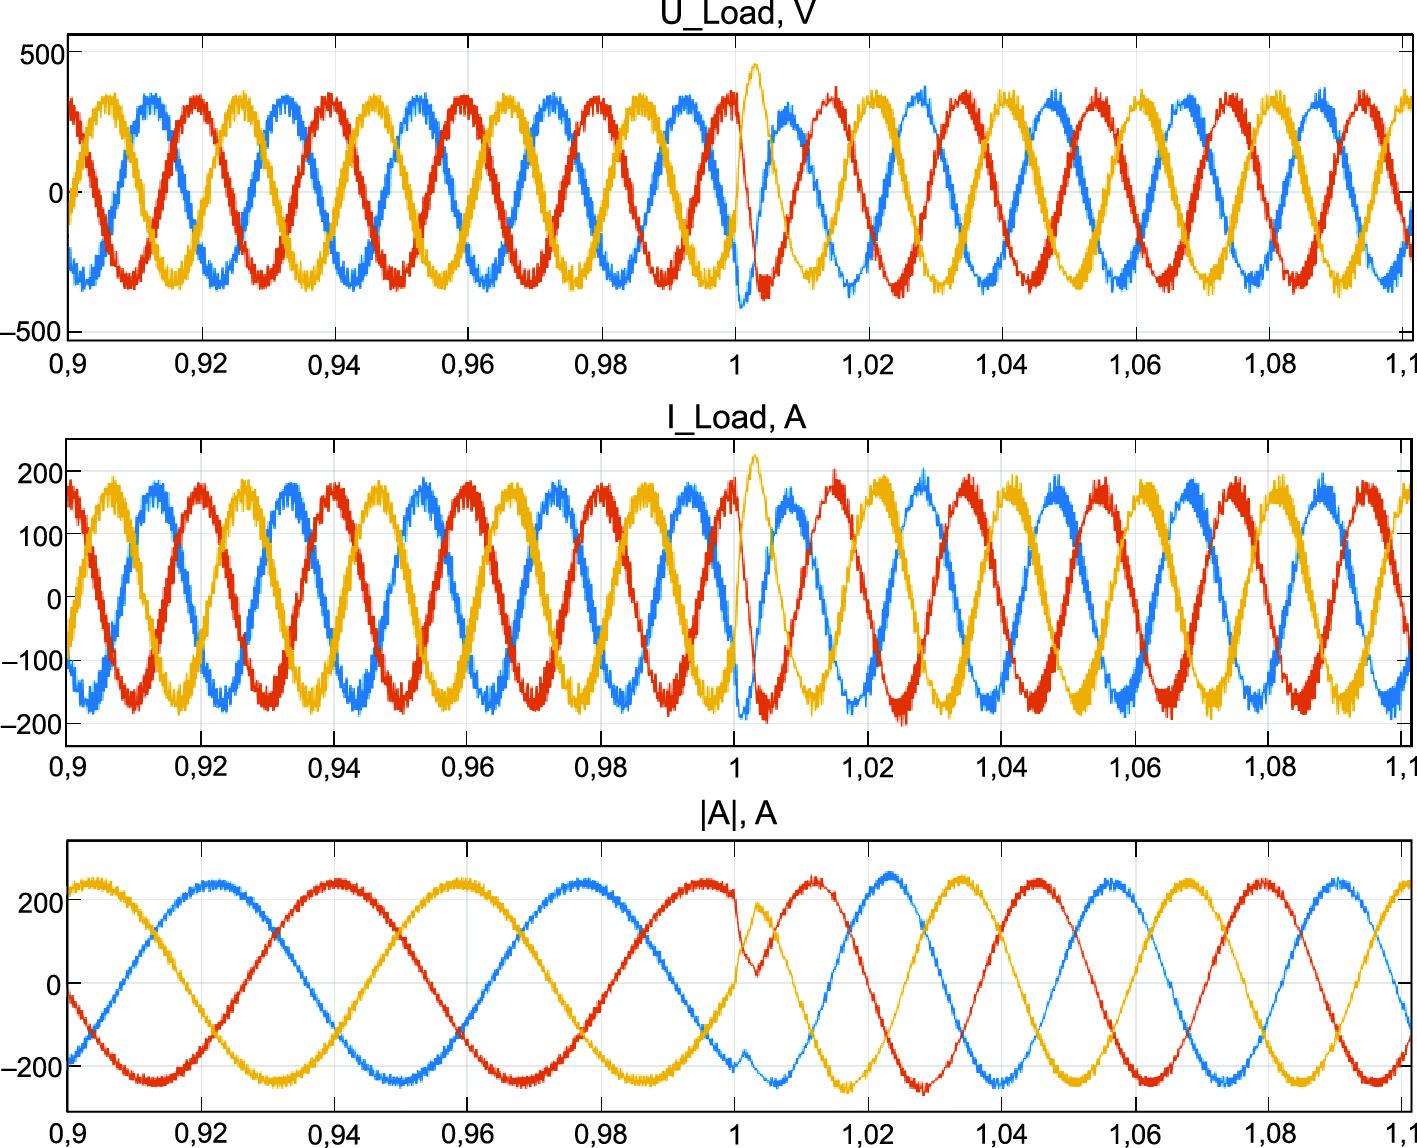 Электромагнитные процессы в гибридной генераторной установке с АМФР при возрастании скорости от 100 до 250 рад/с и постоянной нагрузке 120 кВт